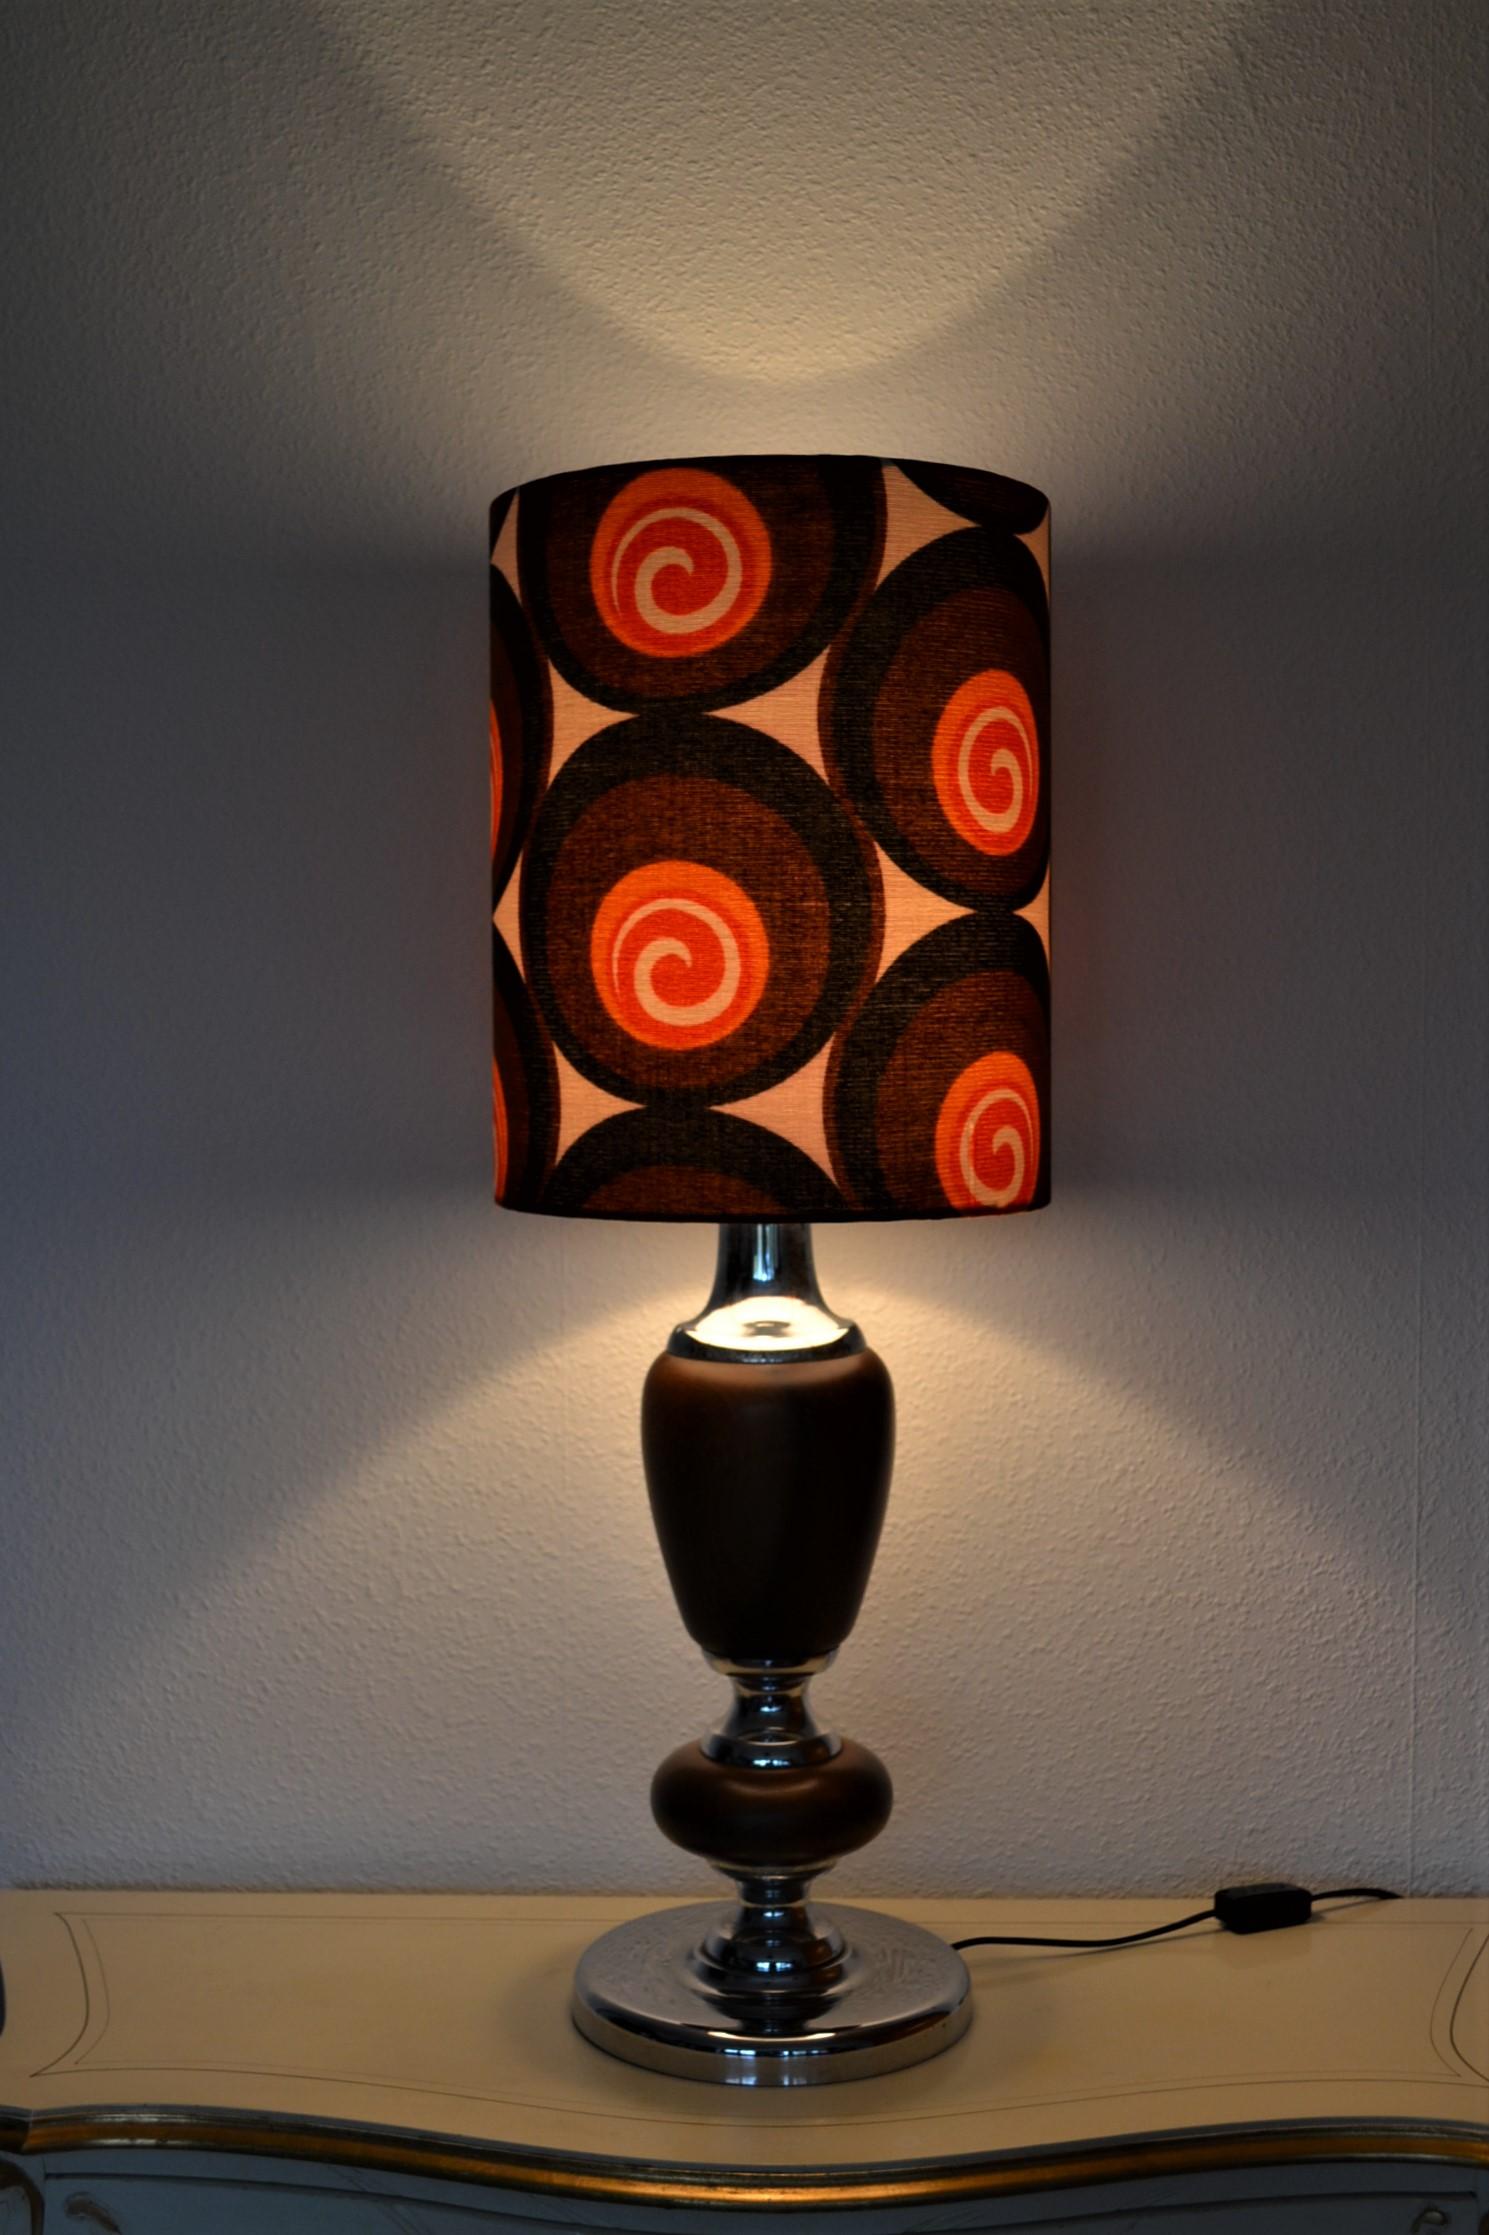 Lampe de sol Spiralo - abat-jour vintage 1970